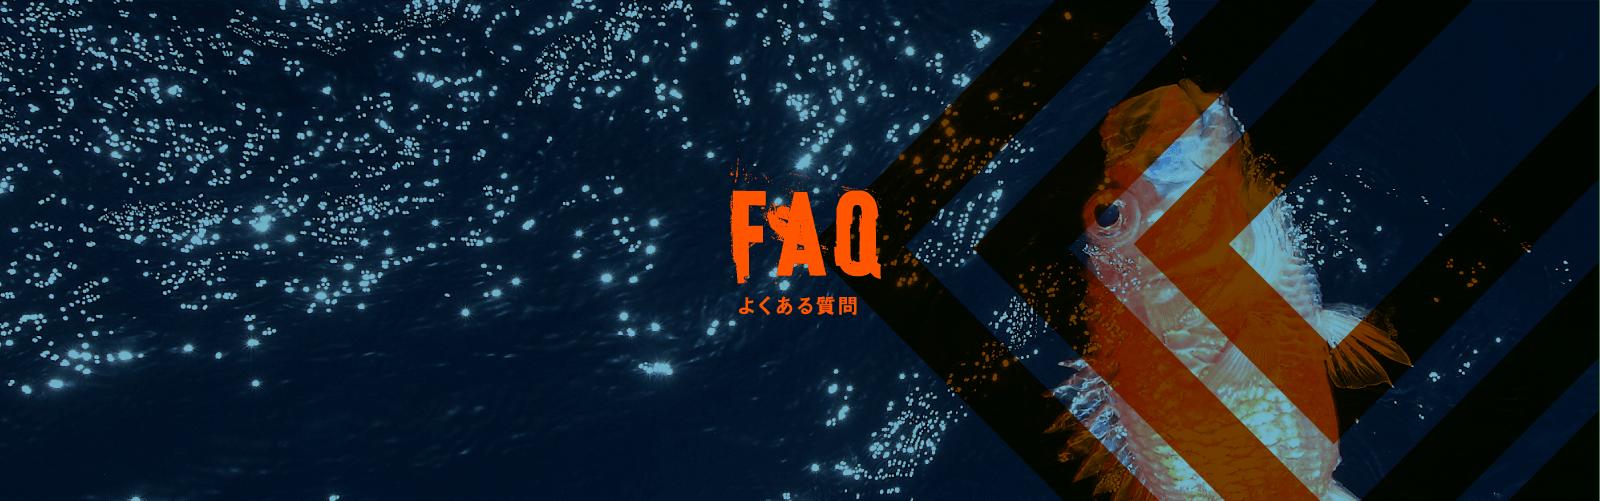 faq_banner | シーフロアコントロール公式サイト